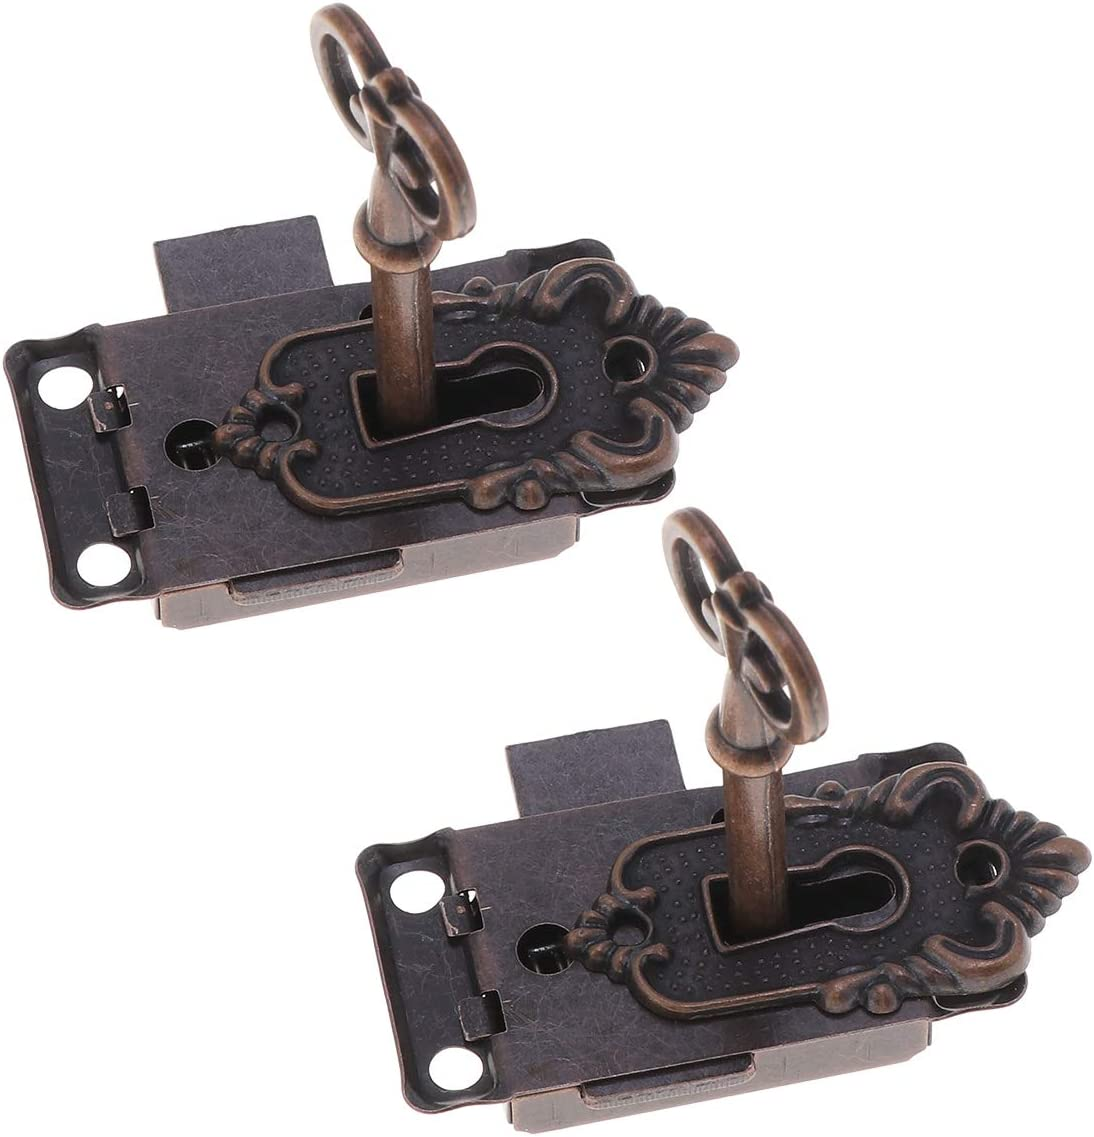 Yardwe 2pcs cerradura de cerrojo con llave Vintage Twist Knob cerradura de cerrojo de cerradura de la cerradura de la cerradura de la puerta para pequeños gabinetes de puertas (Bronce rojo)